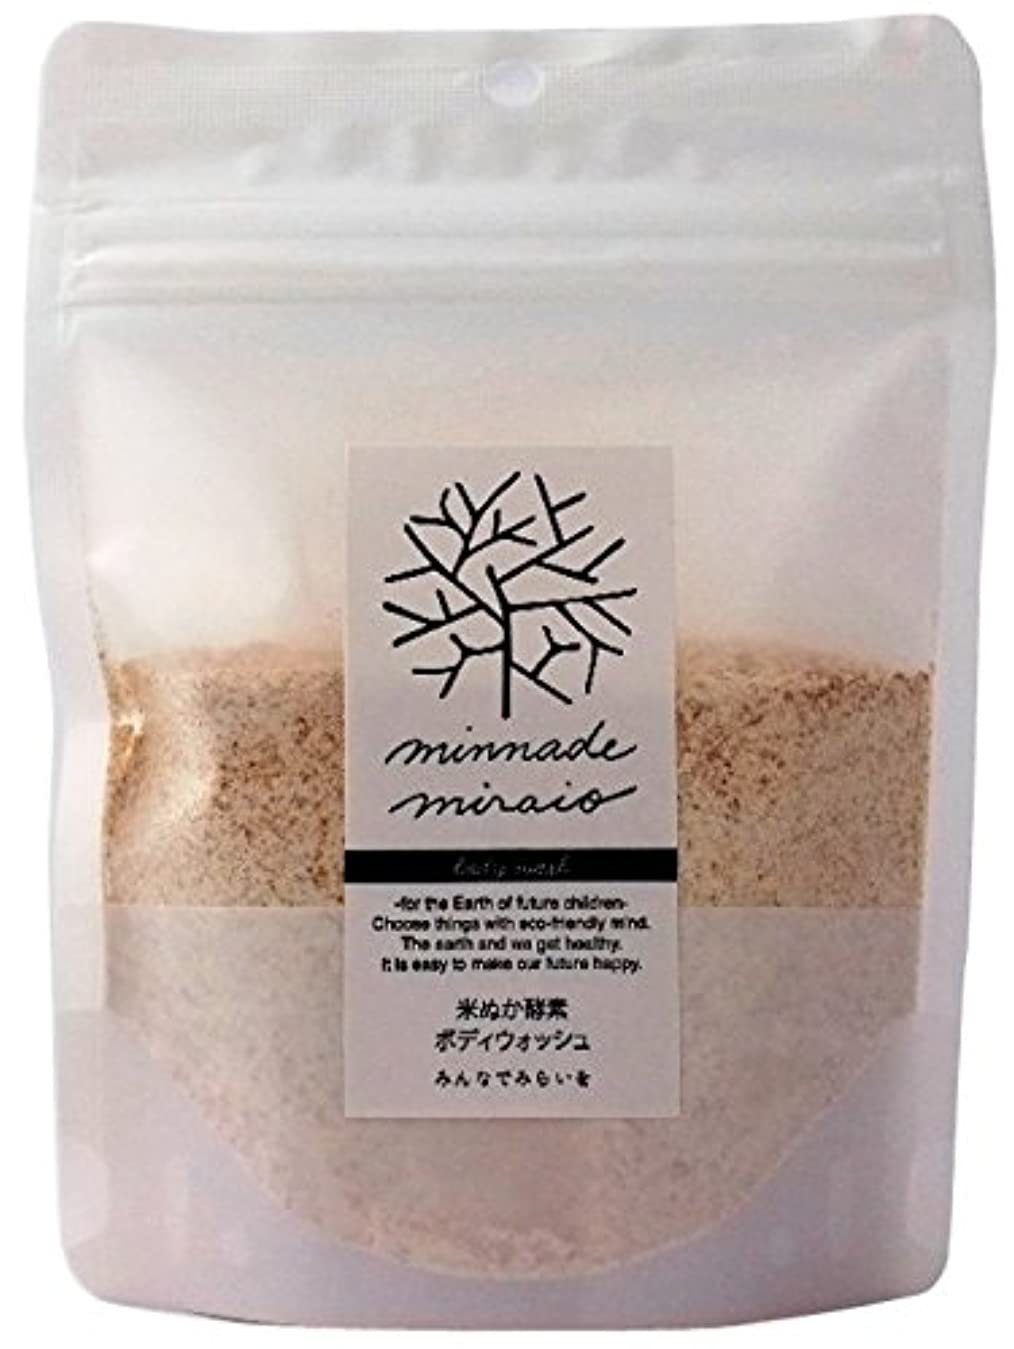 不測の事態強いペレットみんなでみらいを 100%無添加 米ぬか酵素ボディウォッシュ 詰替用 130g